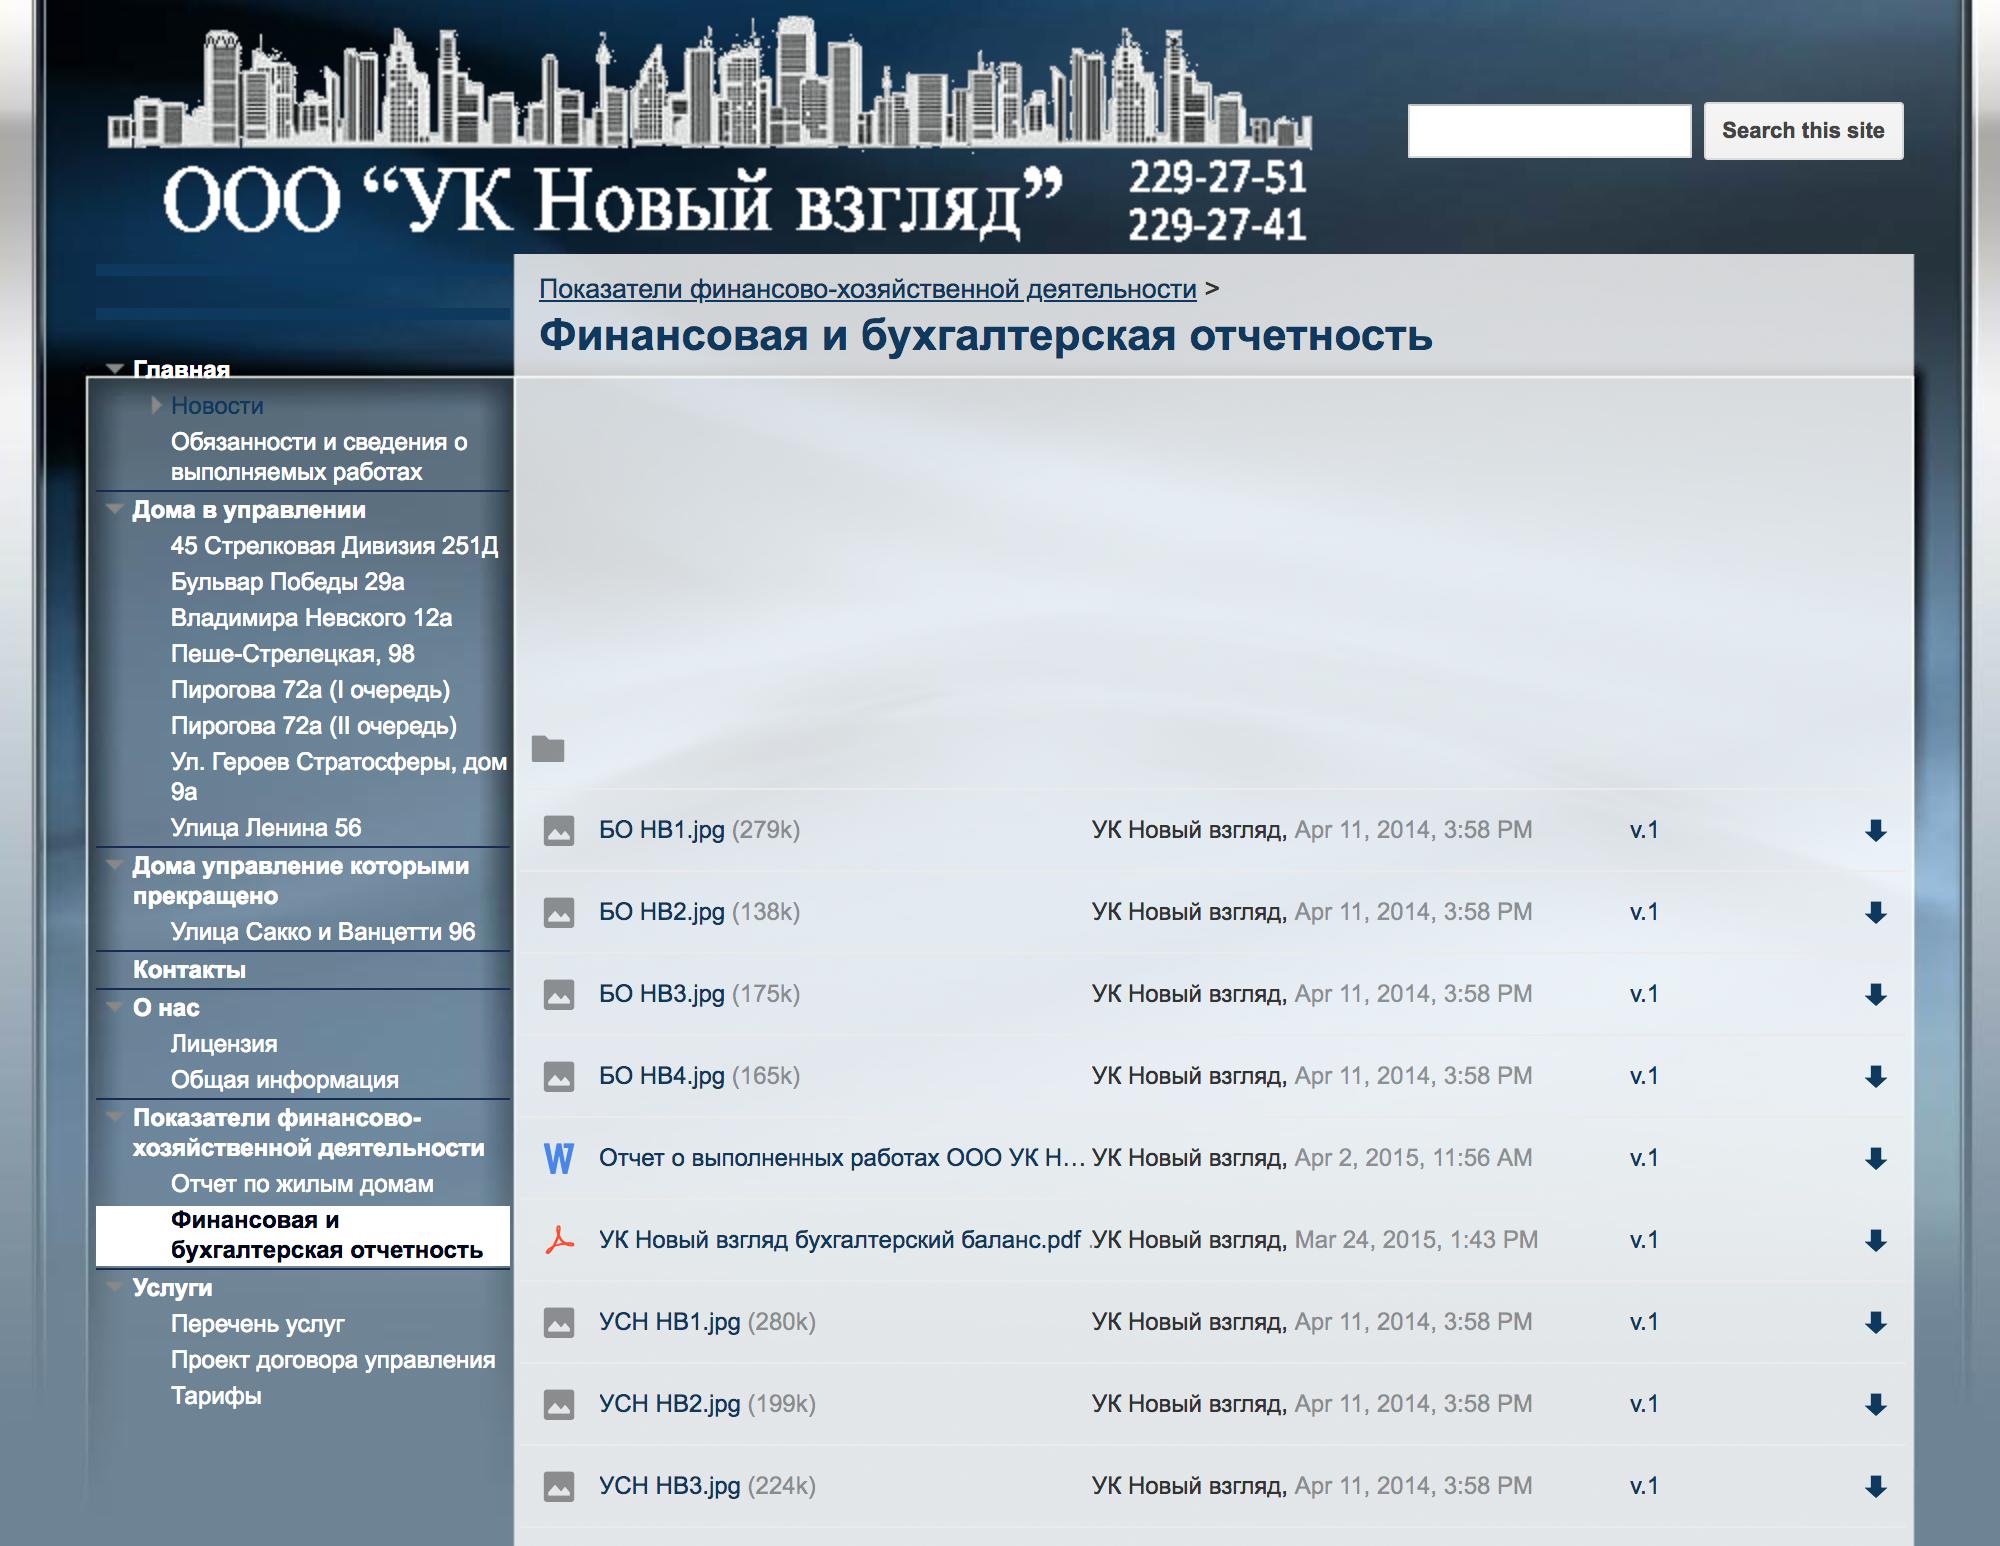 Документы финансовой и бухгалтерской отчетности УК также находятся в общем доступе